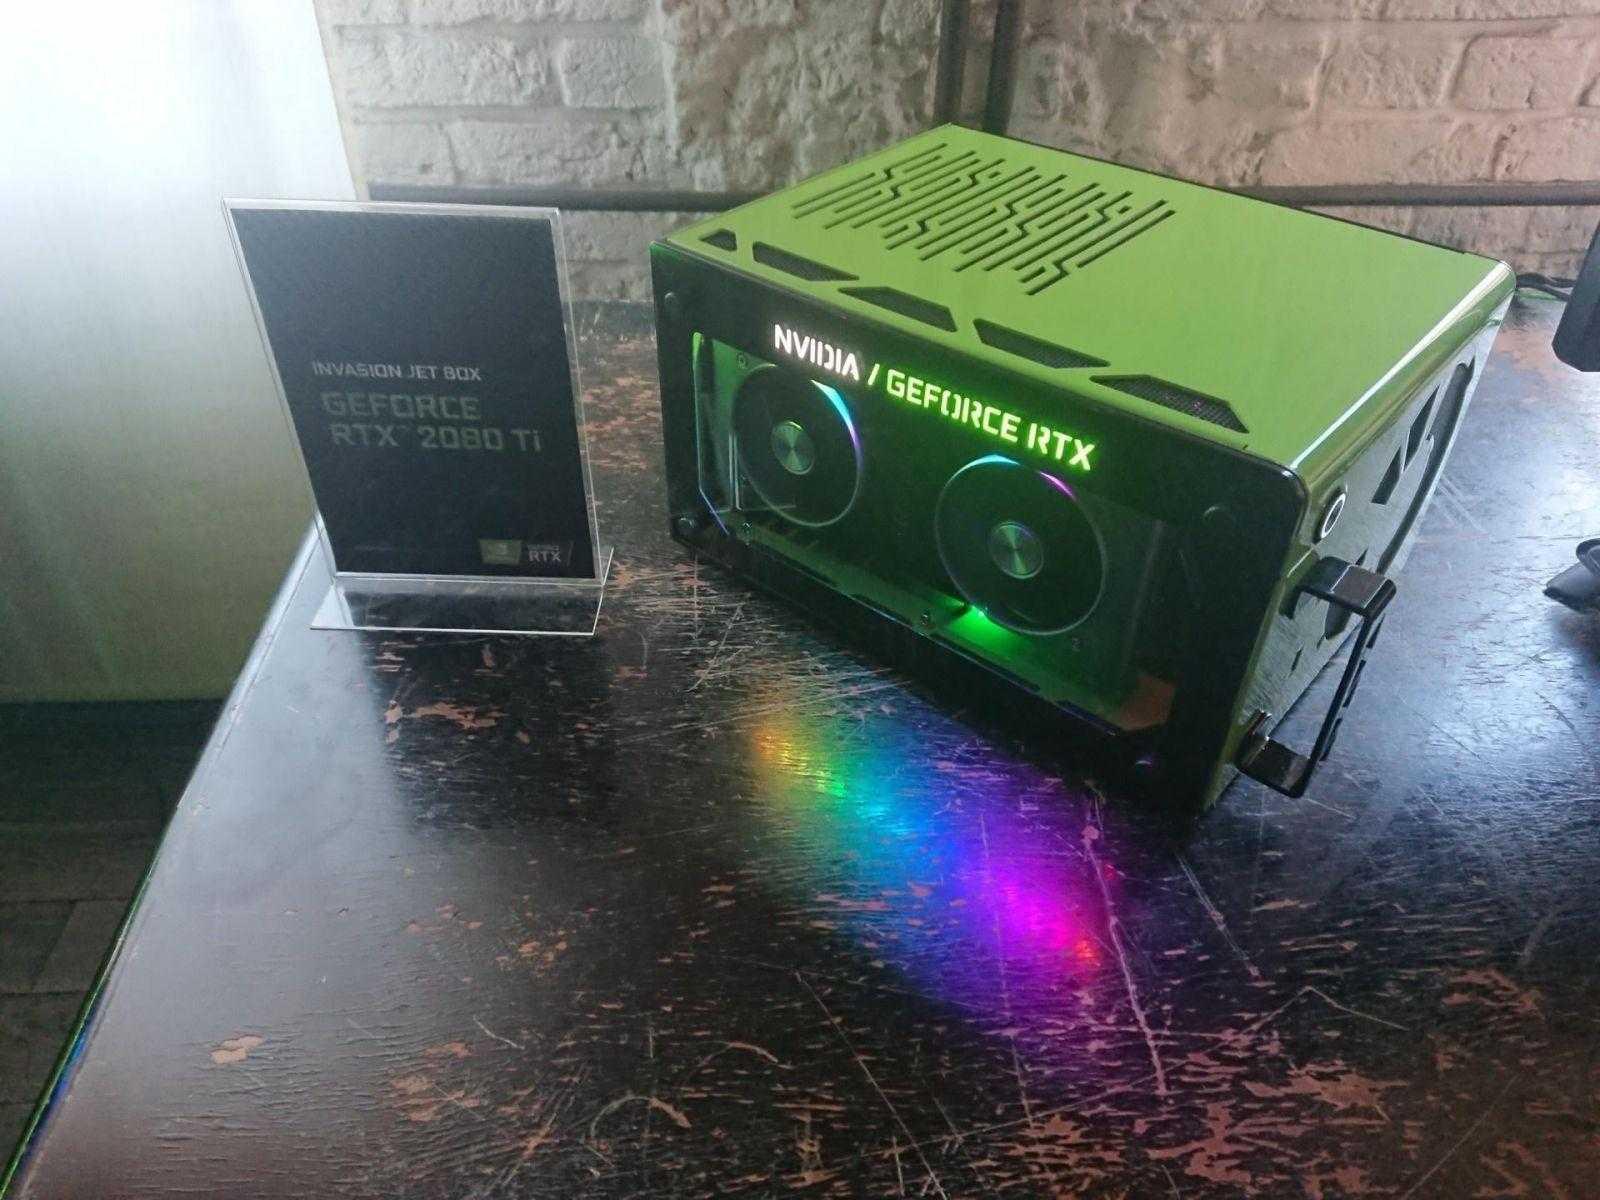 NVIDIA представила видеокарты RTX 2080 и 2070 в России (dsc 2190)